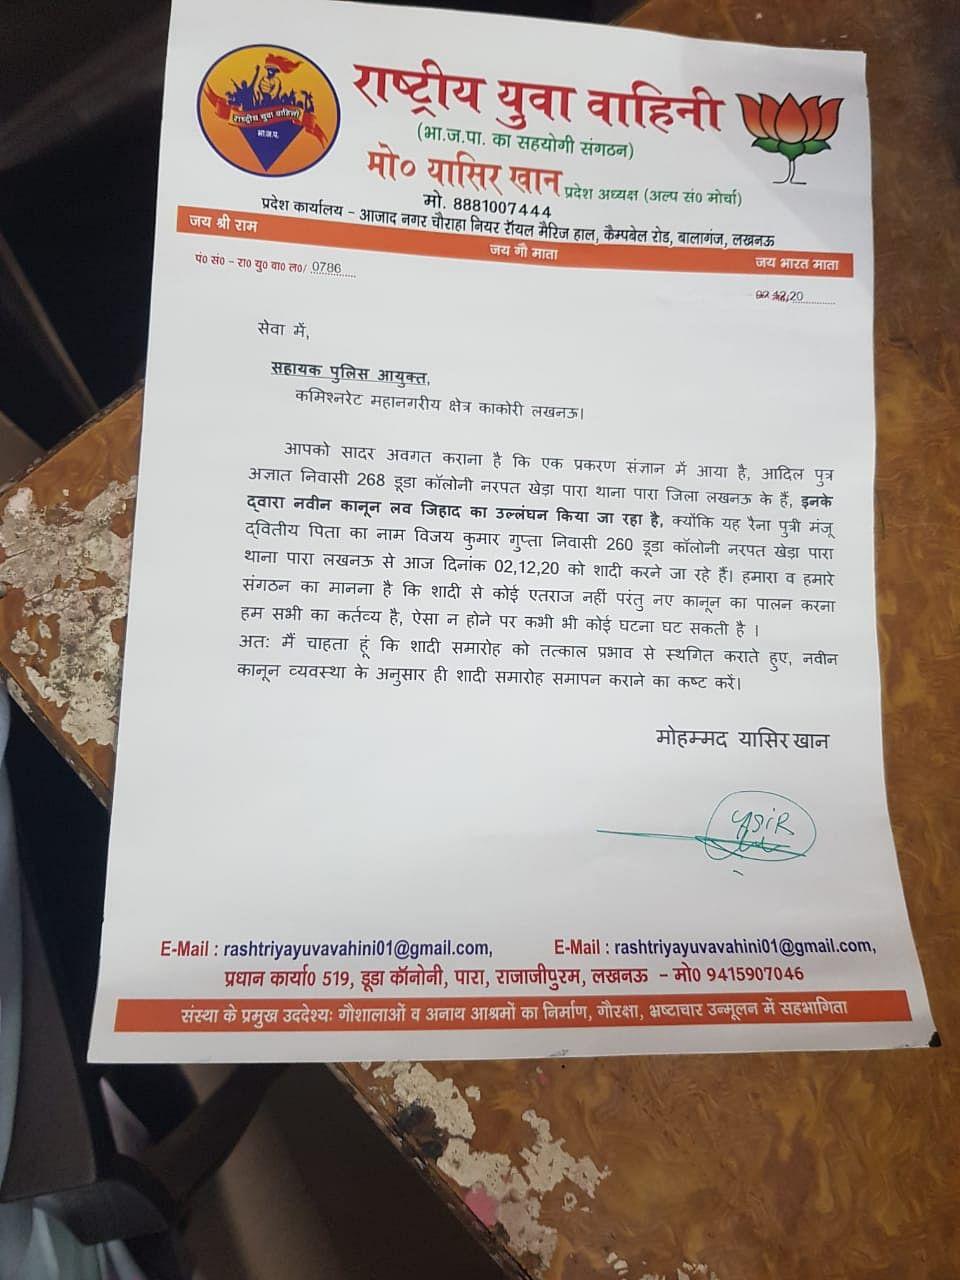 राष्ट्रीय युवा वाहिनी द्वारा शादी रुकवाने के लिए दिया गया पत्र